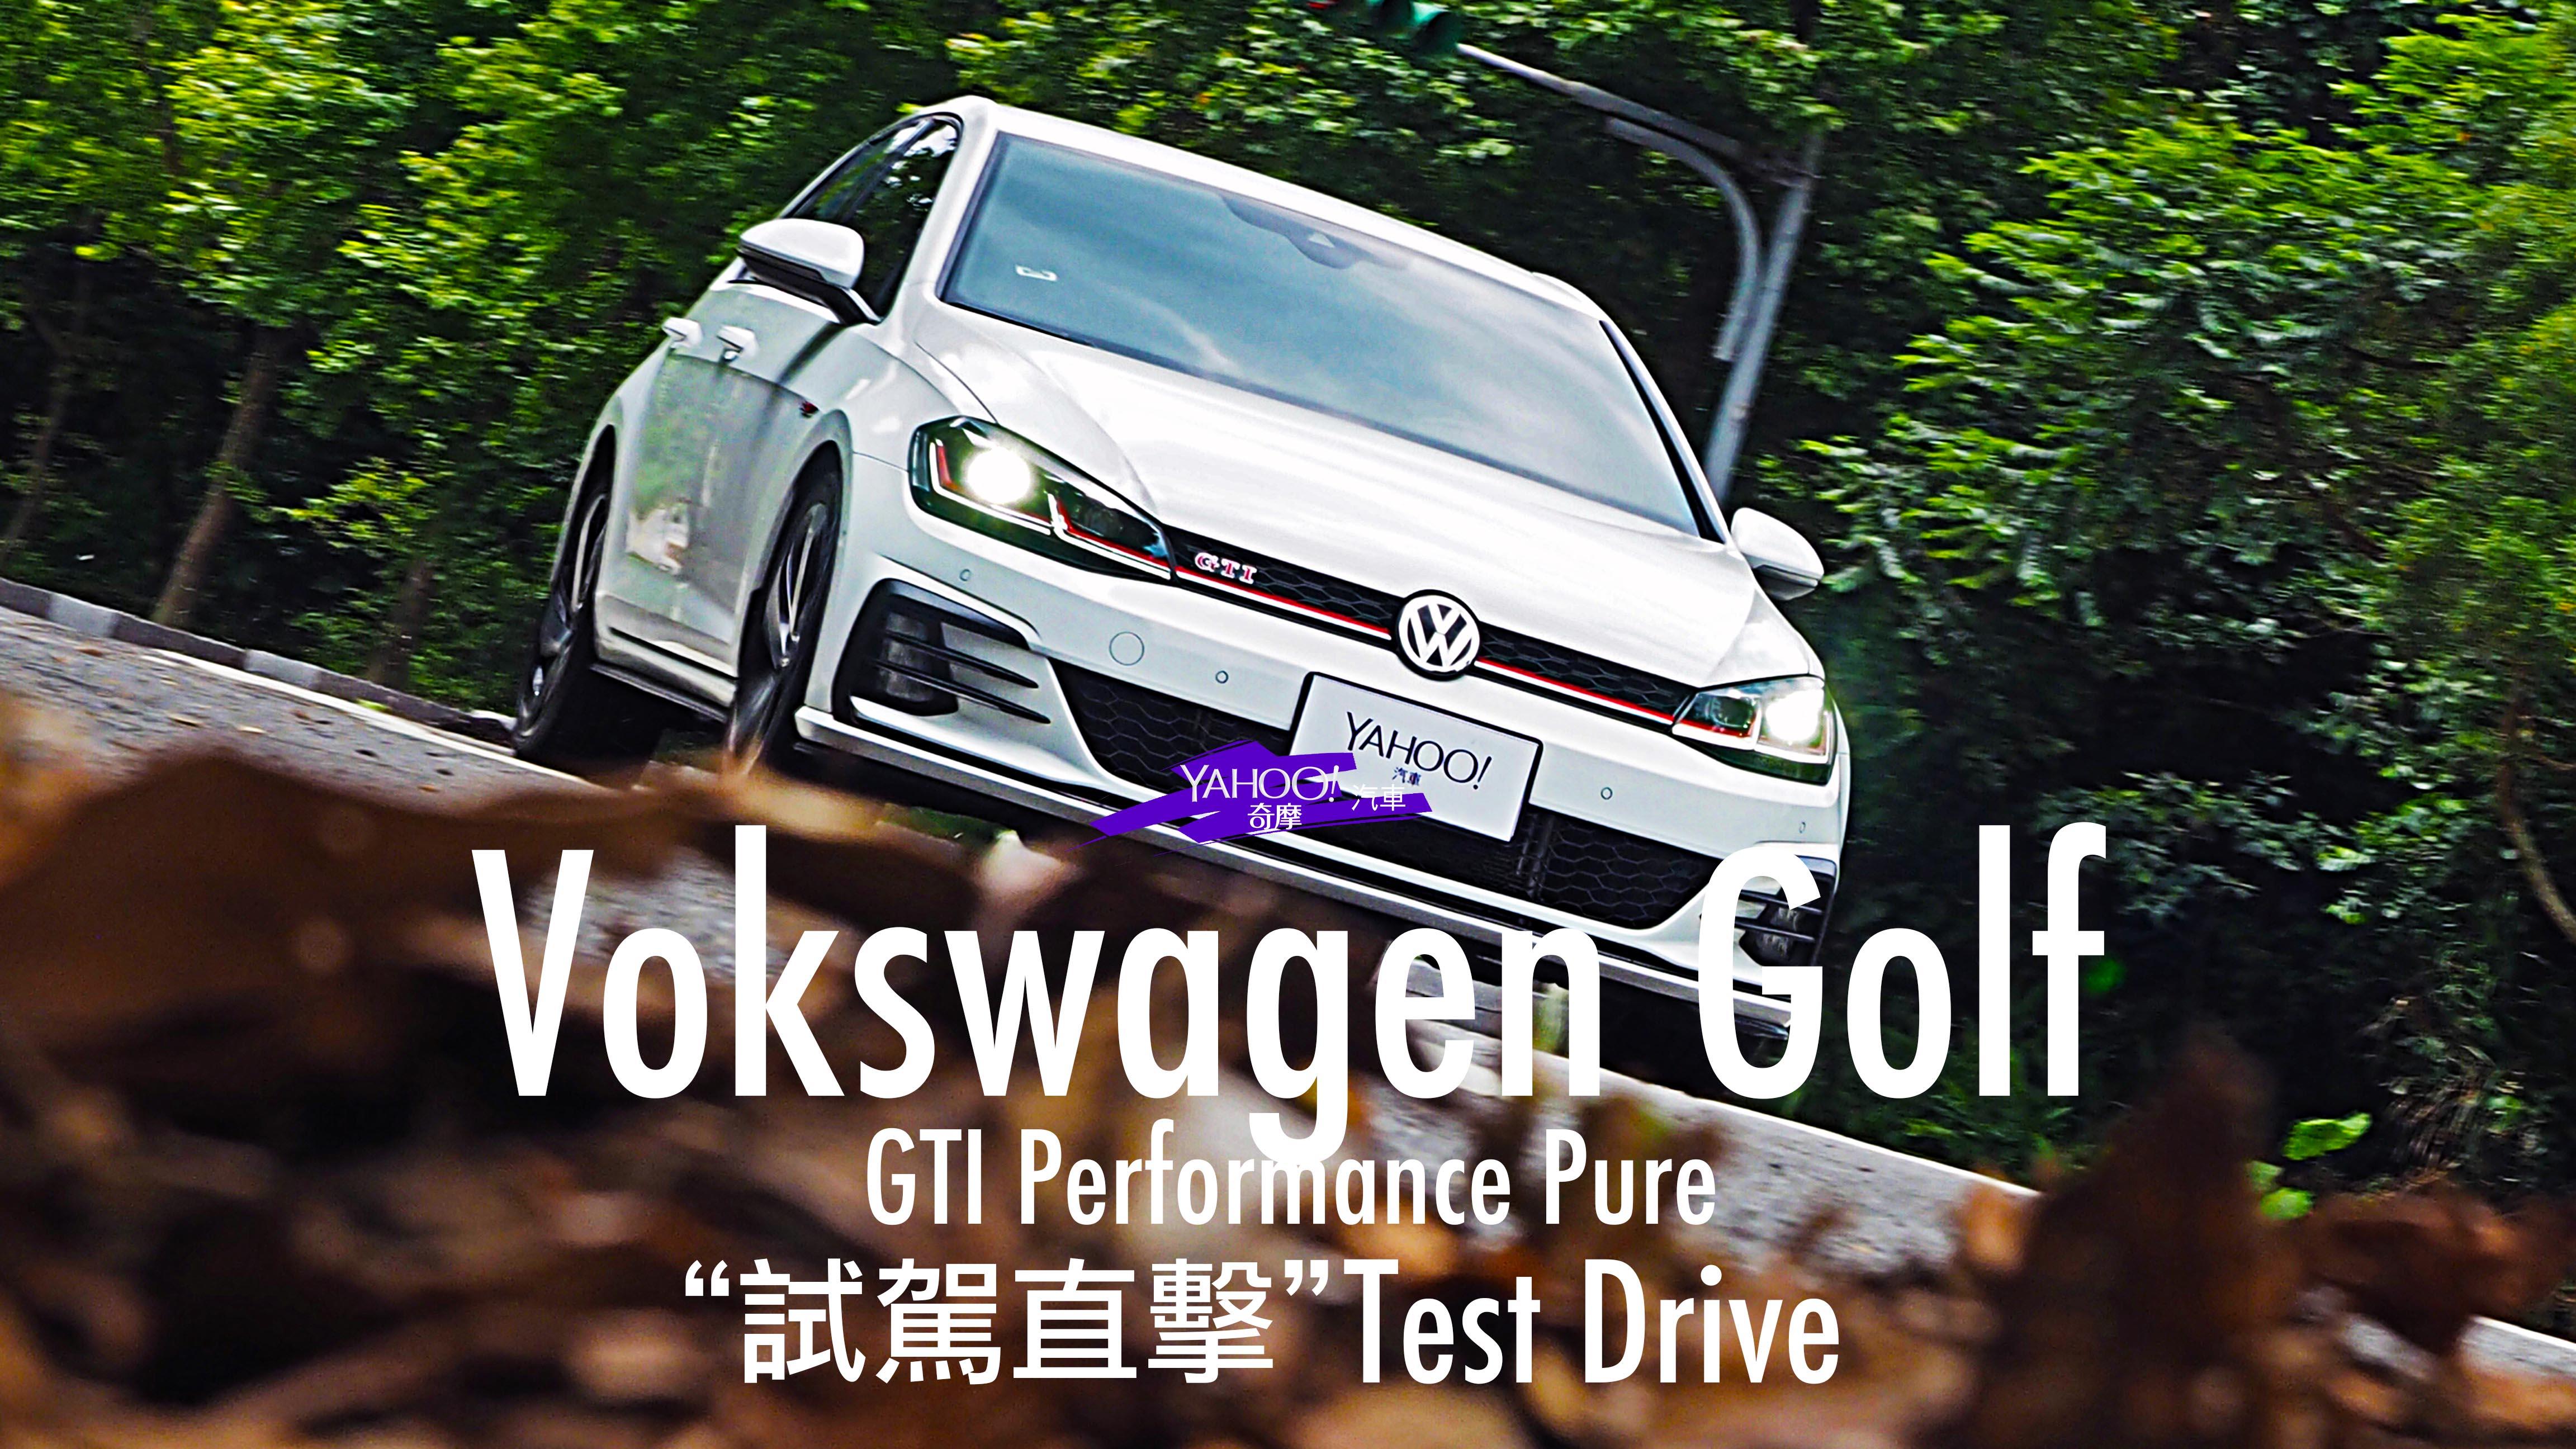 【試駕直擊】純粹駕馭的經典傳承!5代視角下的2019 Volkswagen Golf GTi Performance Pure試駕